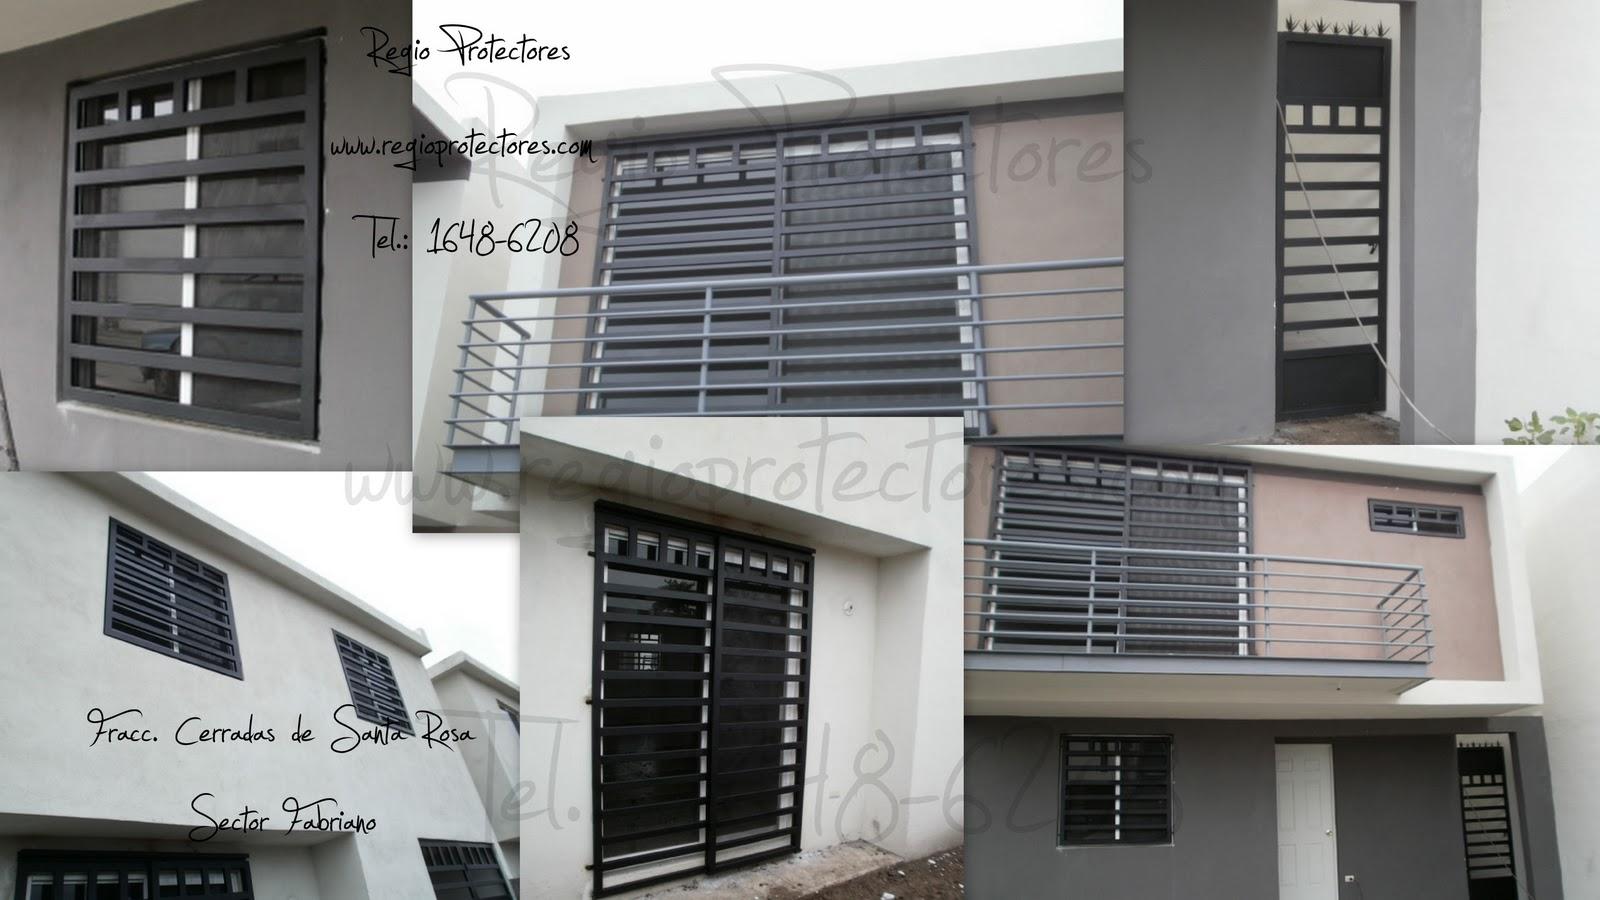 Rejas herreria seguridad blindaje de puertas escaleras - Rejas de diseno moderno ...